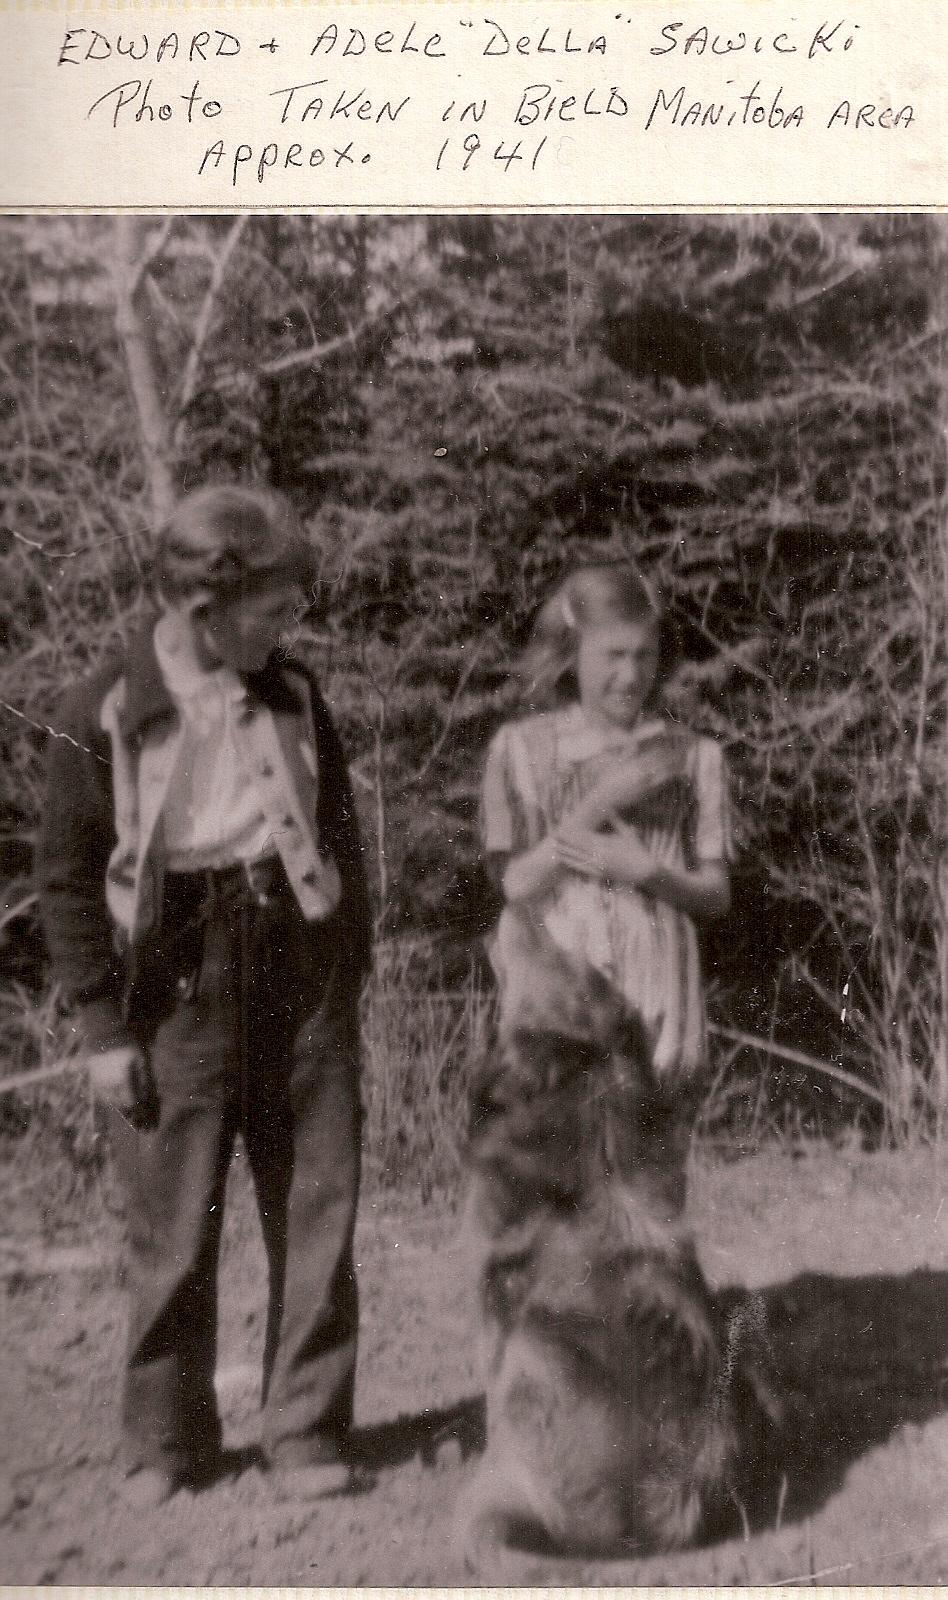 ed and della -Leons kids-1941